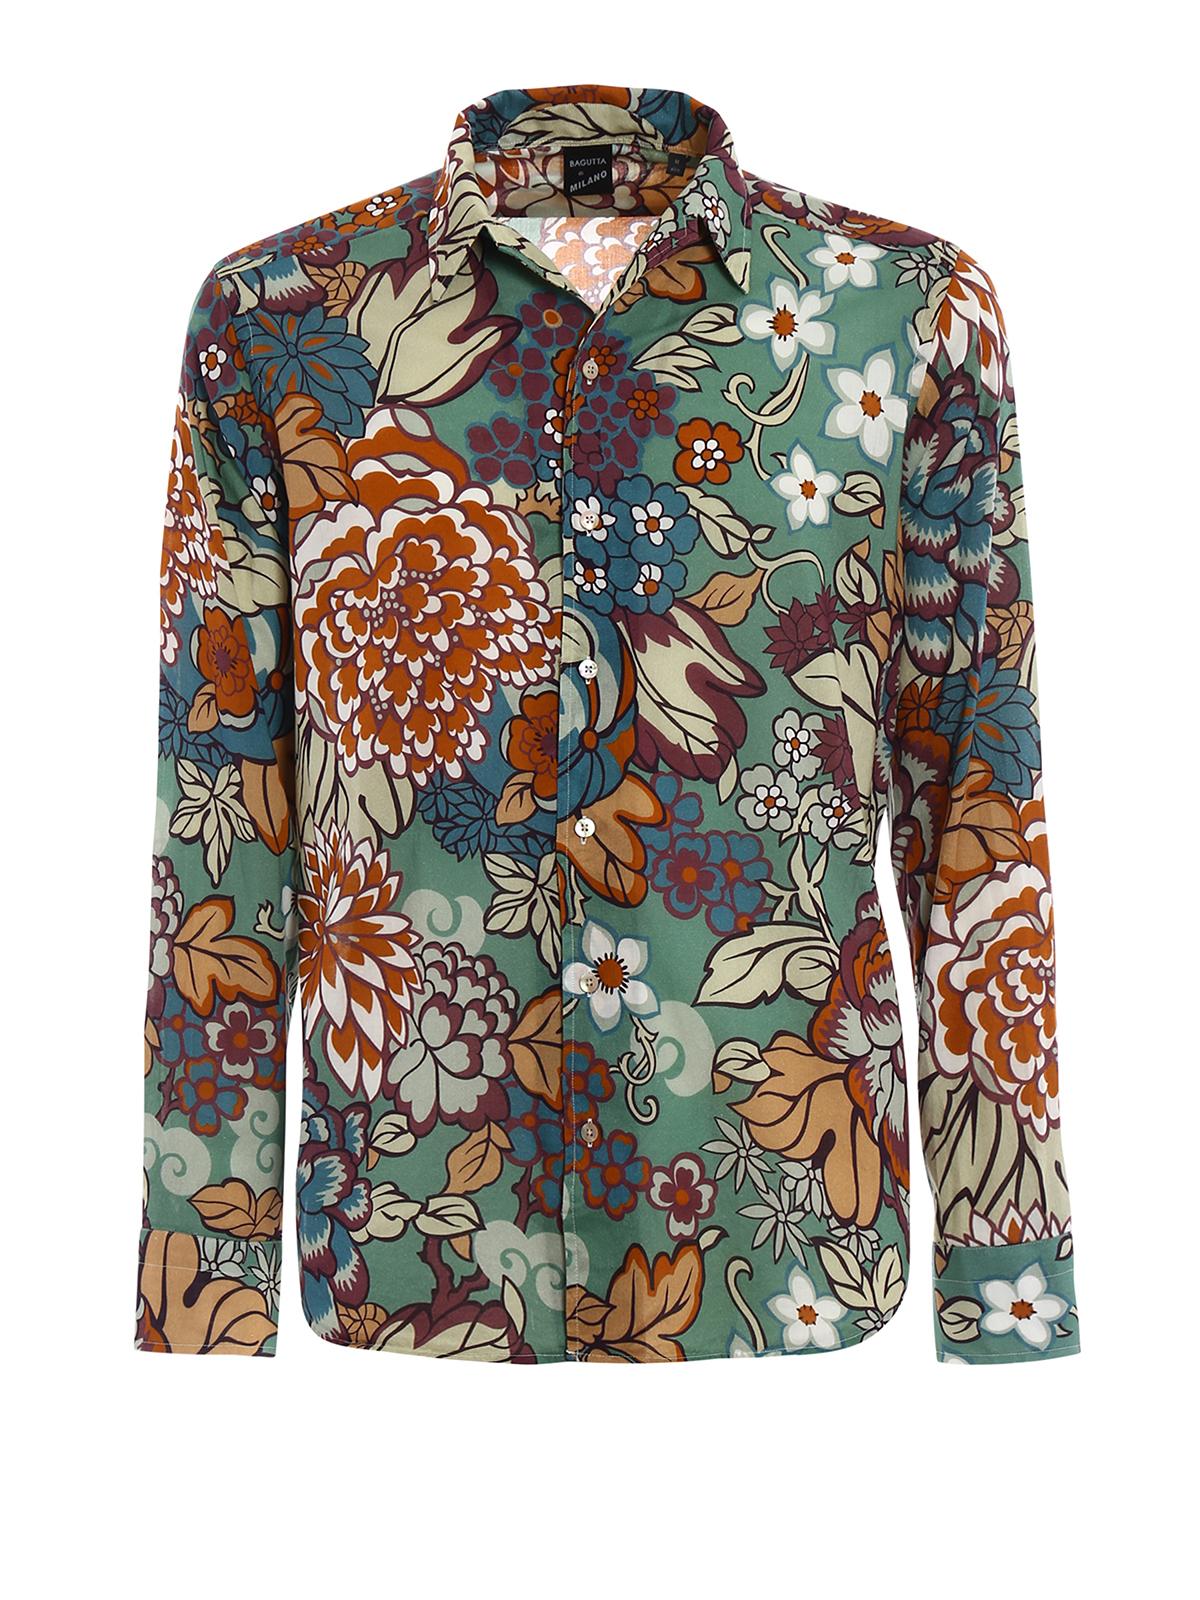 comprare on line 5902d 31848 Bagutta - Camicia in cotone a fiori - camicie - RJOHNNY ...